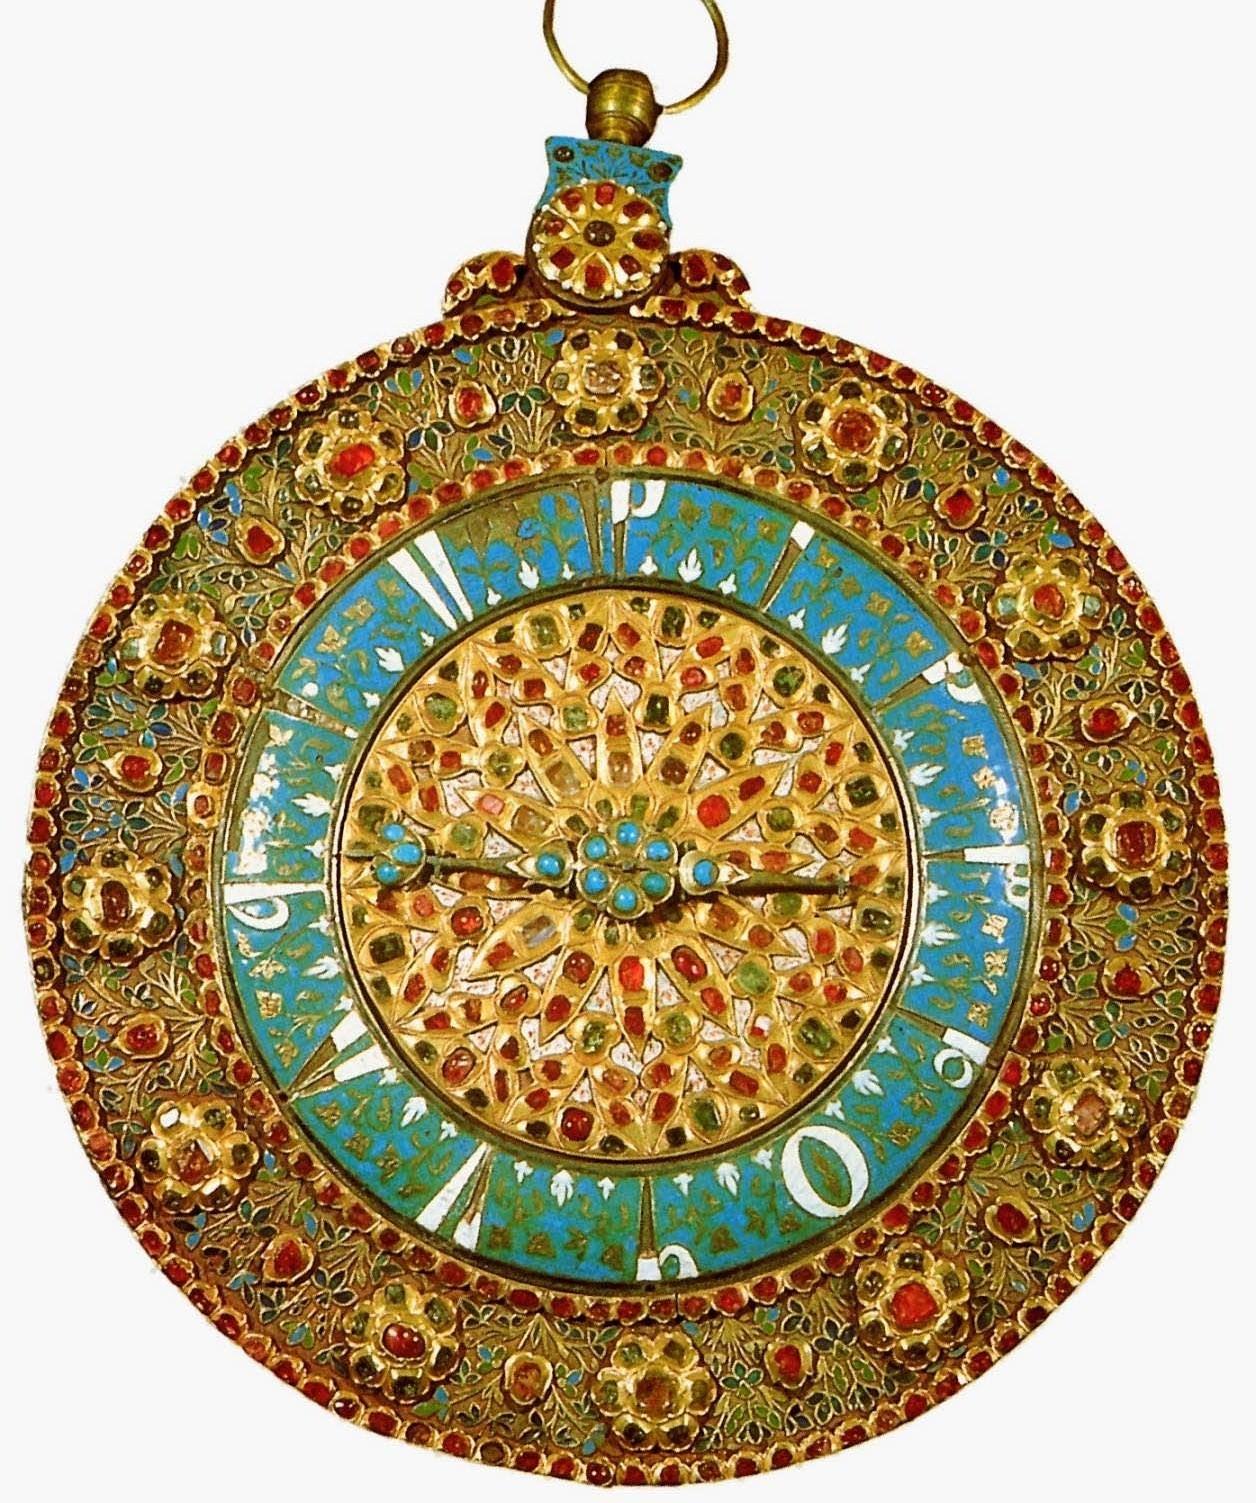 Часы турецкой работы 17 в